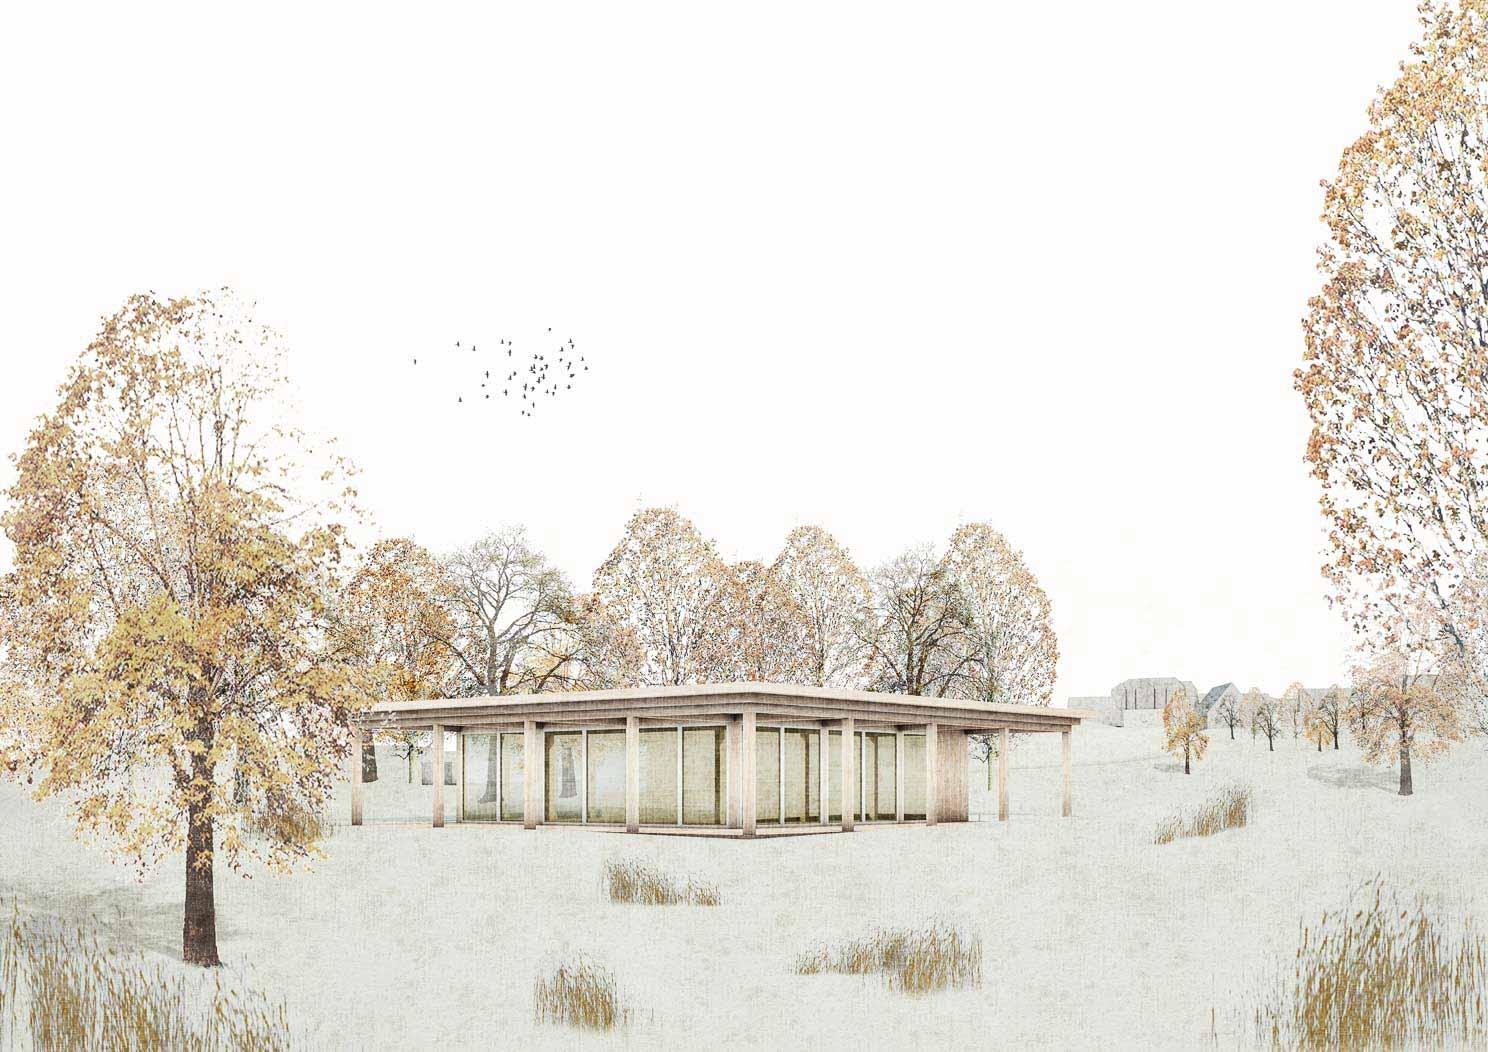 KUBIK Architektur - Studio für Architektur Berlin - architecture - Projekt - Kultur - Cafe - Perspektive